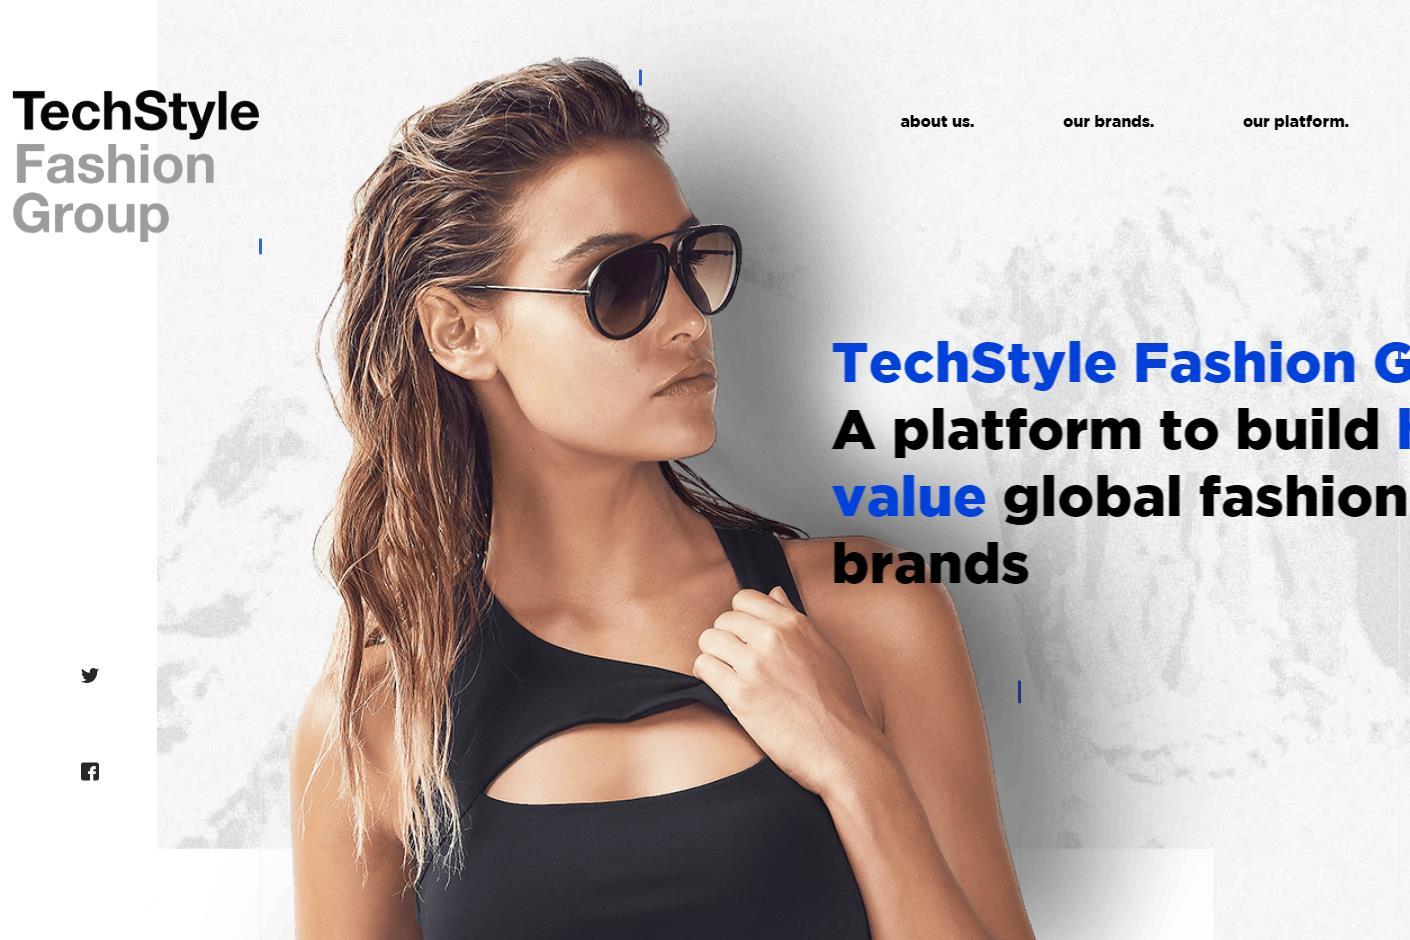 Rihanna内衣品牌的操盘手:TechStyle是如何运作全球最大会员制时尚电商公司的?